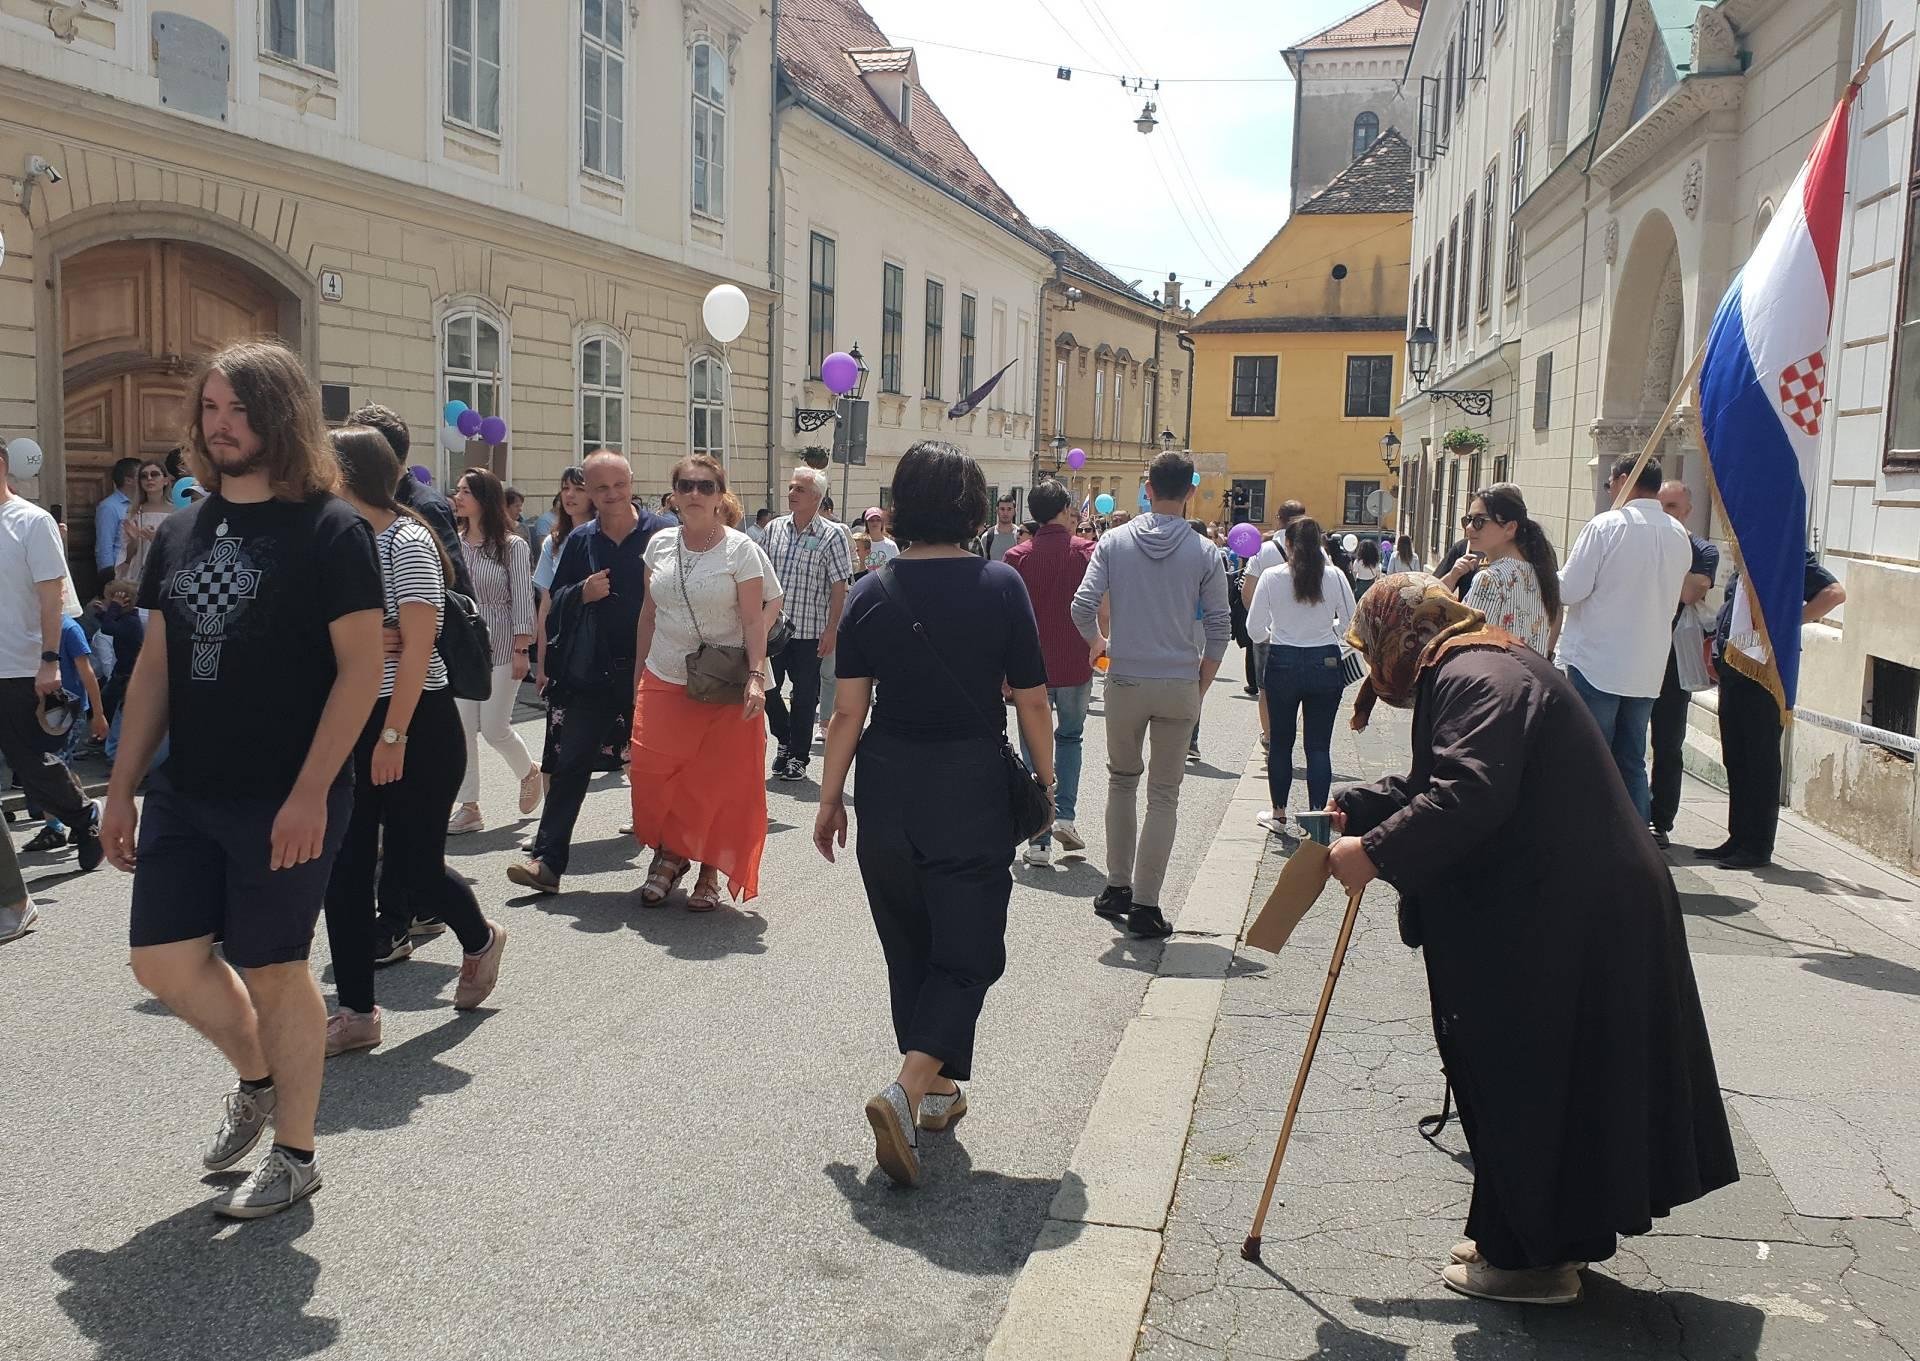 Hodači za život prolazili kraj bakice: 'Pomozite, gladna sam'